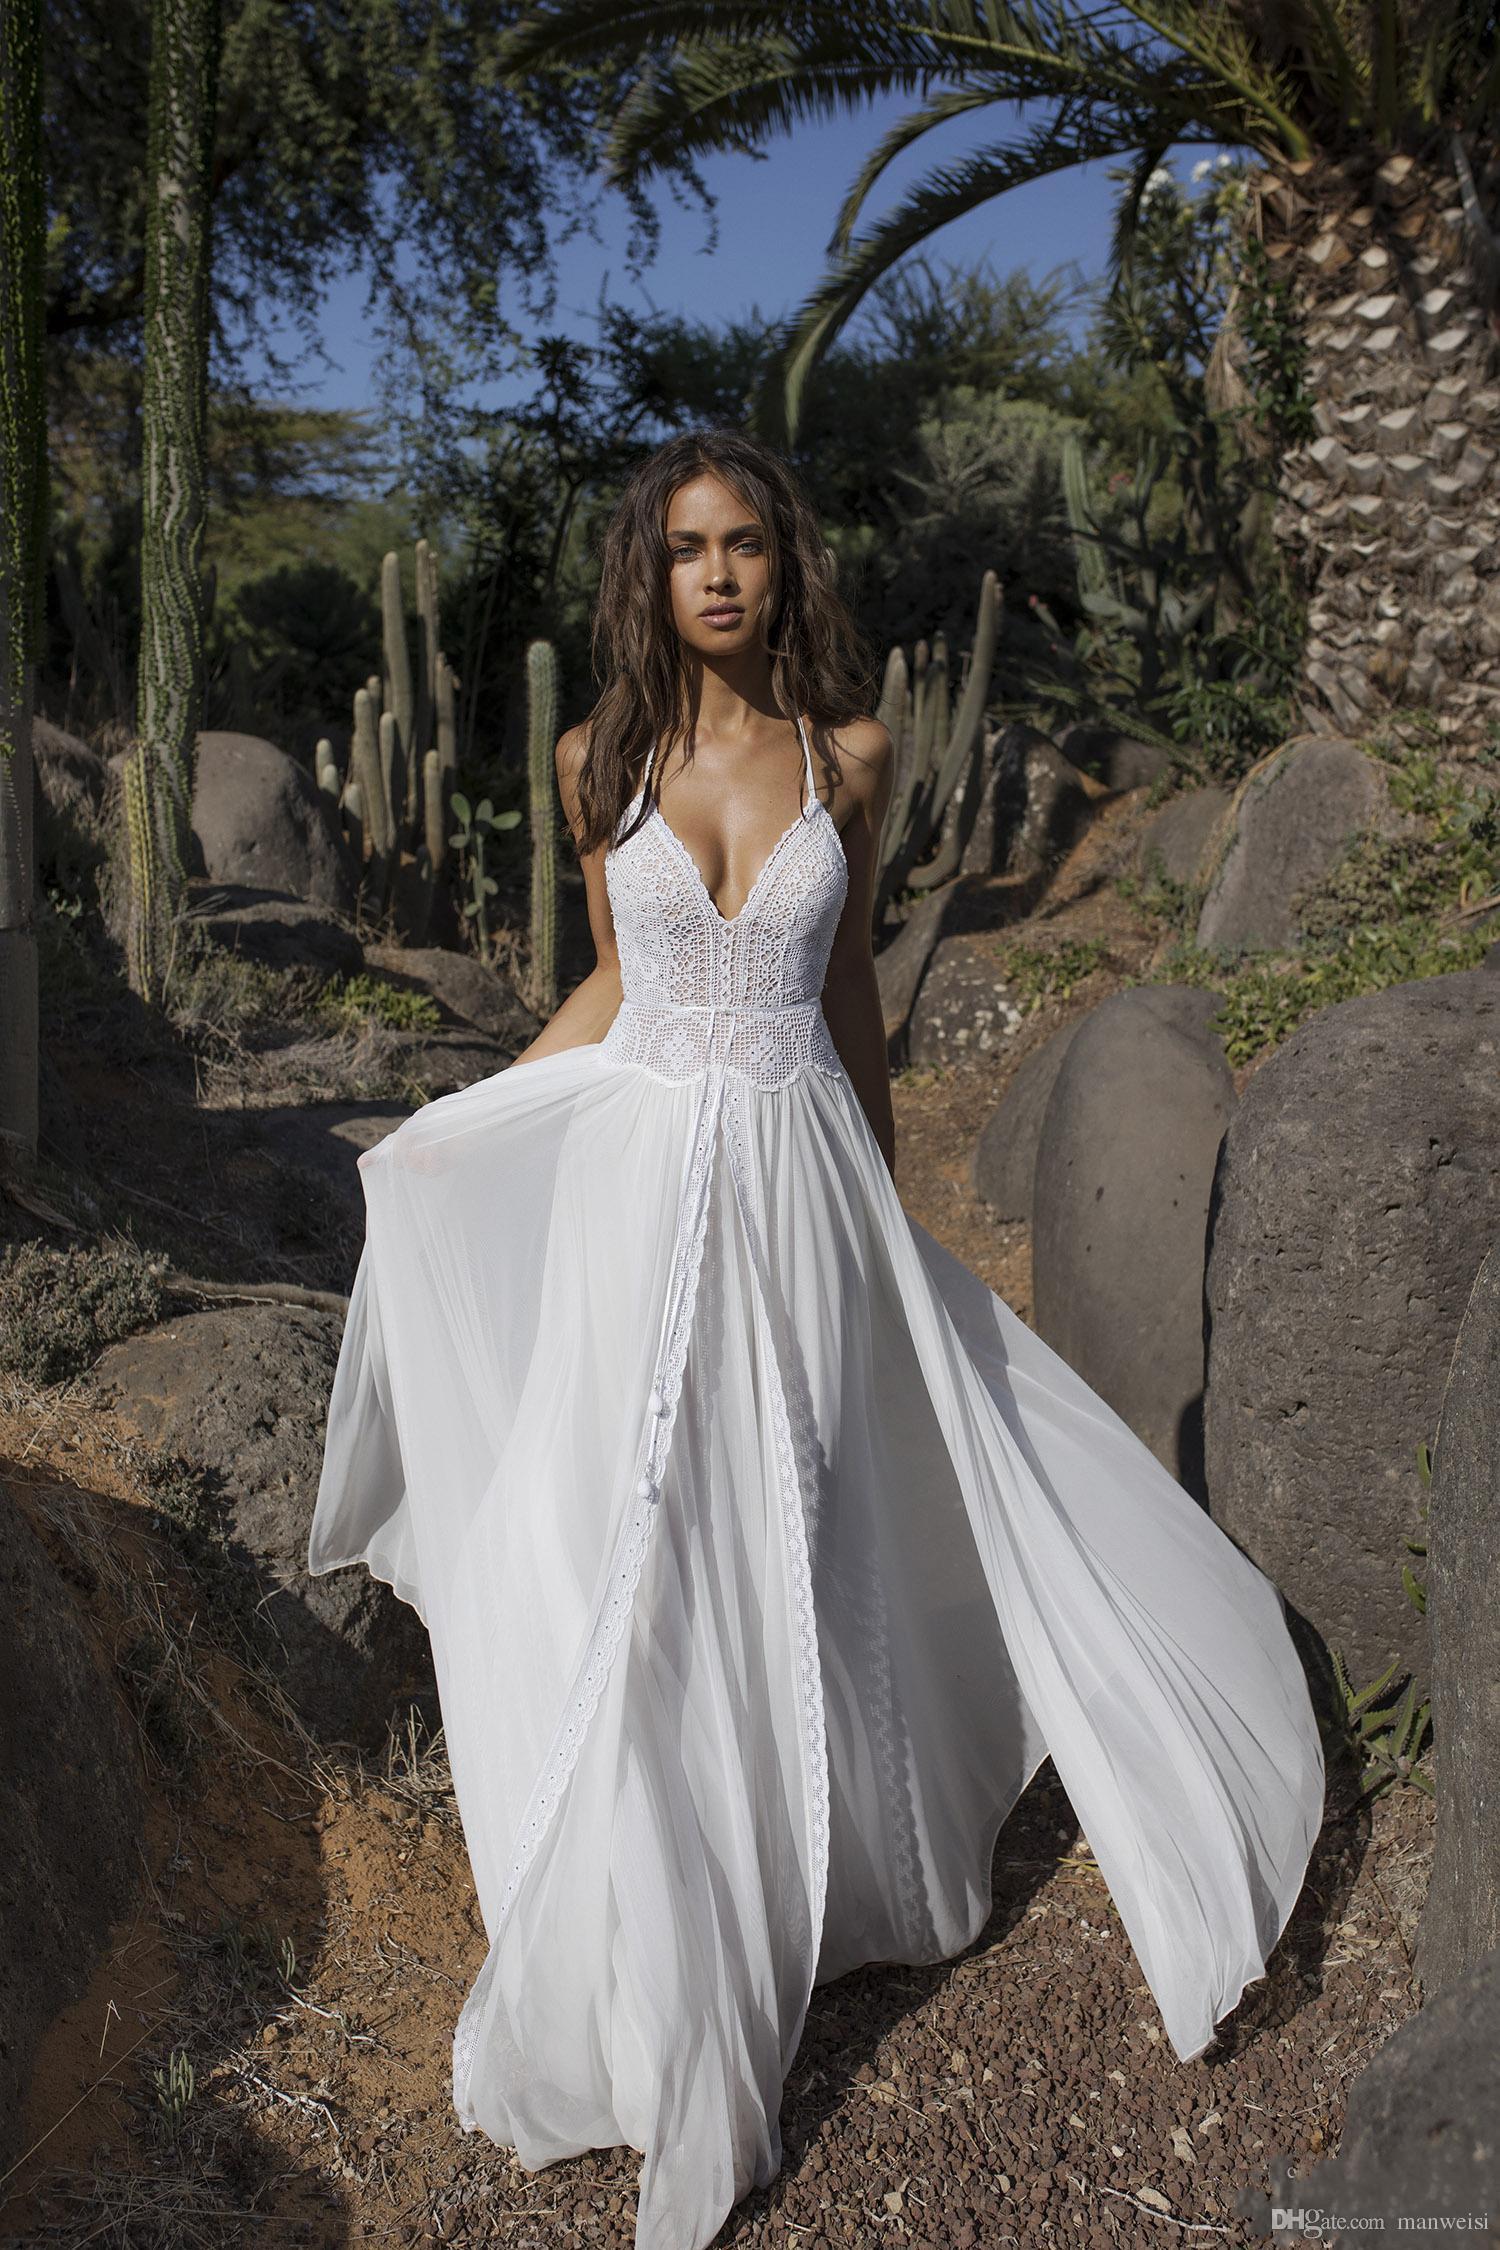 Asaf Dadush 2019 Vestidos De Casamento Com Manga Longa Envoltório Jaqueta De Crochê Do Vintage Lace Fada Flowy Chiffon Praia Boho Nupcial Vestidos De Casamento